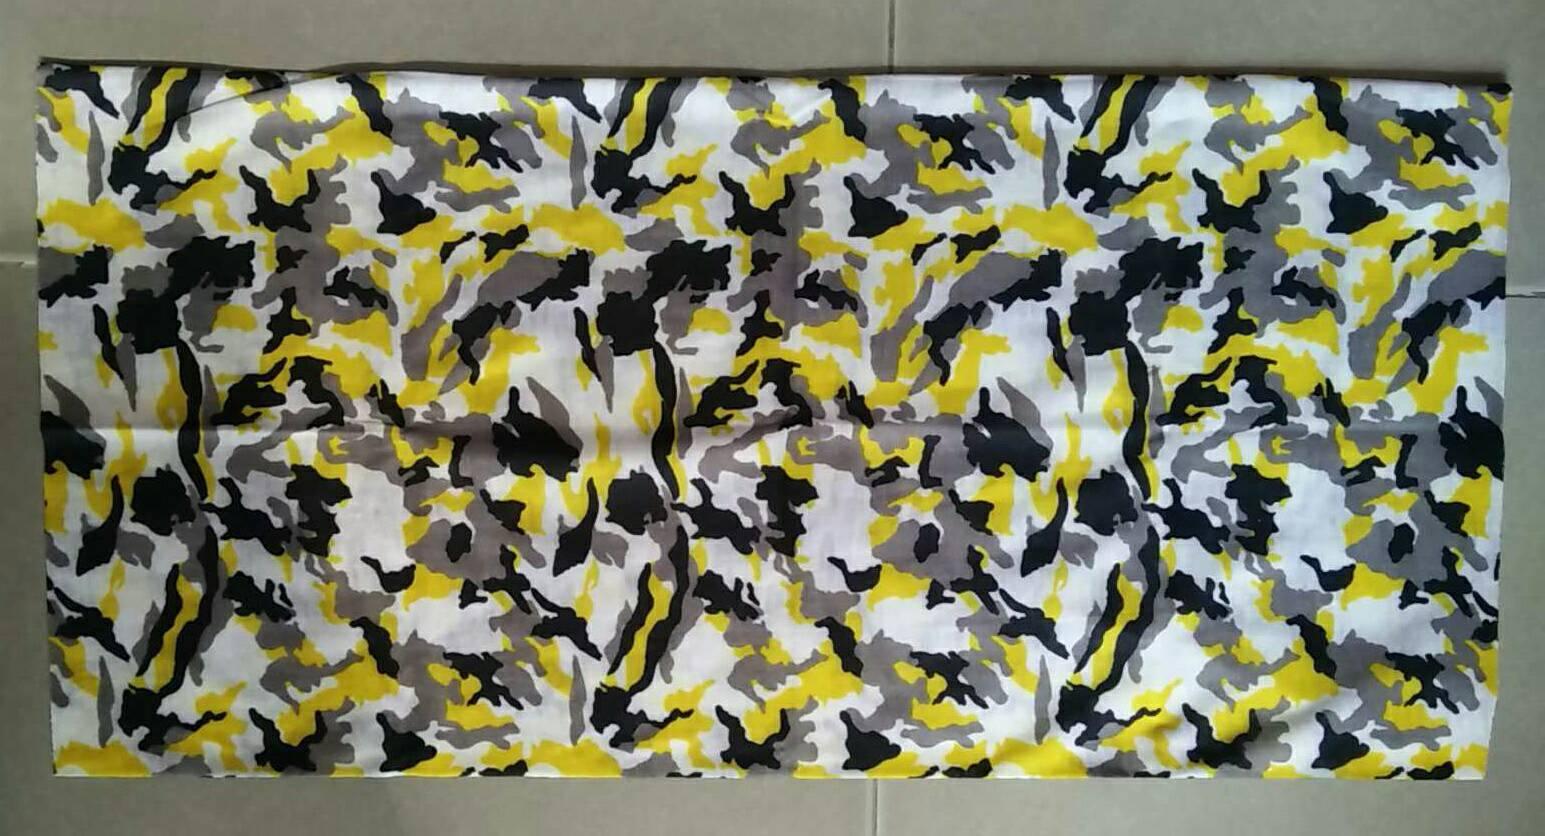 ผ้าบัฟ ลายพราง สีดำ-เหลือง